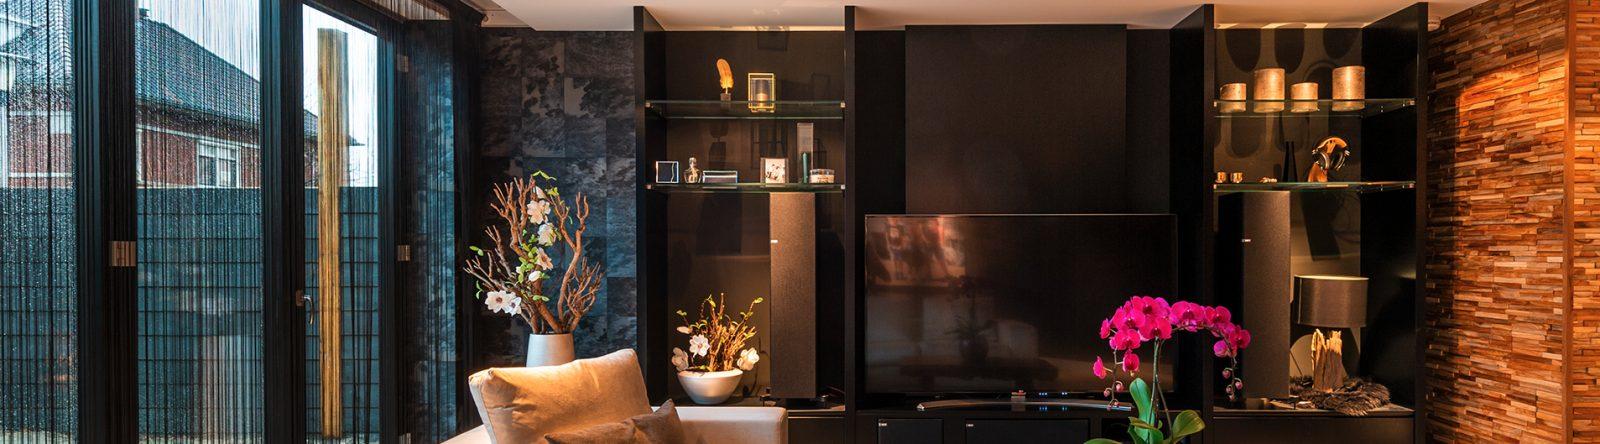 Tv meubel op maat laten maken door interieurbouwer D